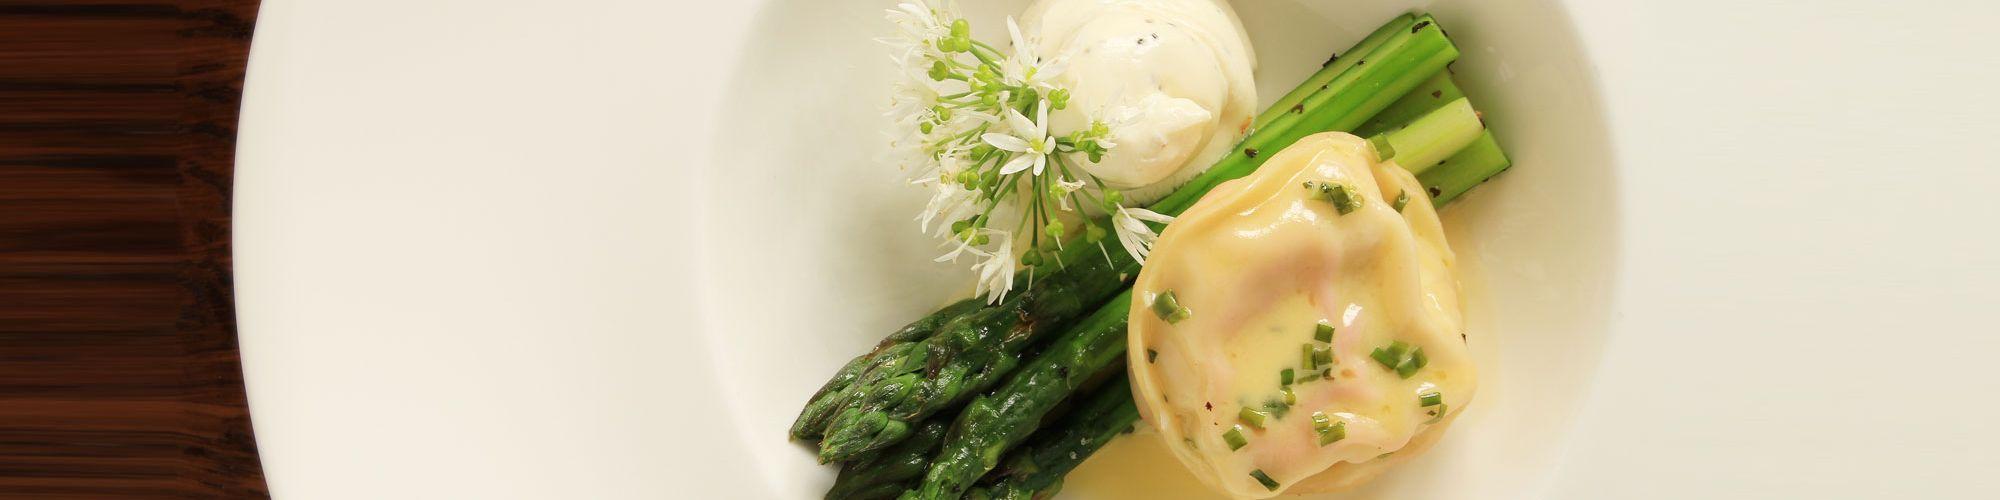 ricetta Medaglioni alle Punte di Asparagi e Pecorino con pasta fresca